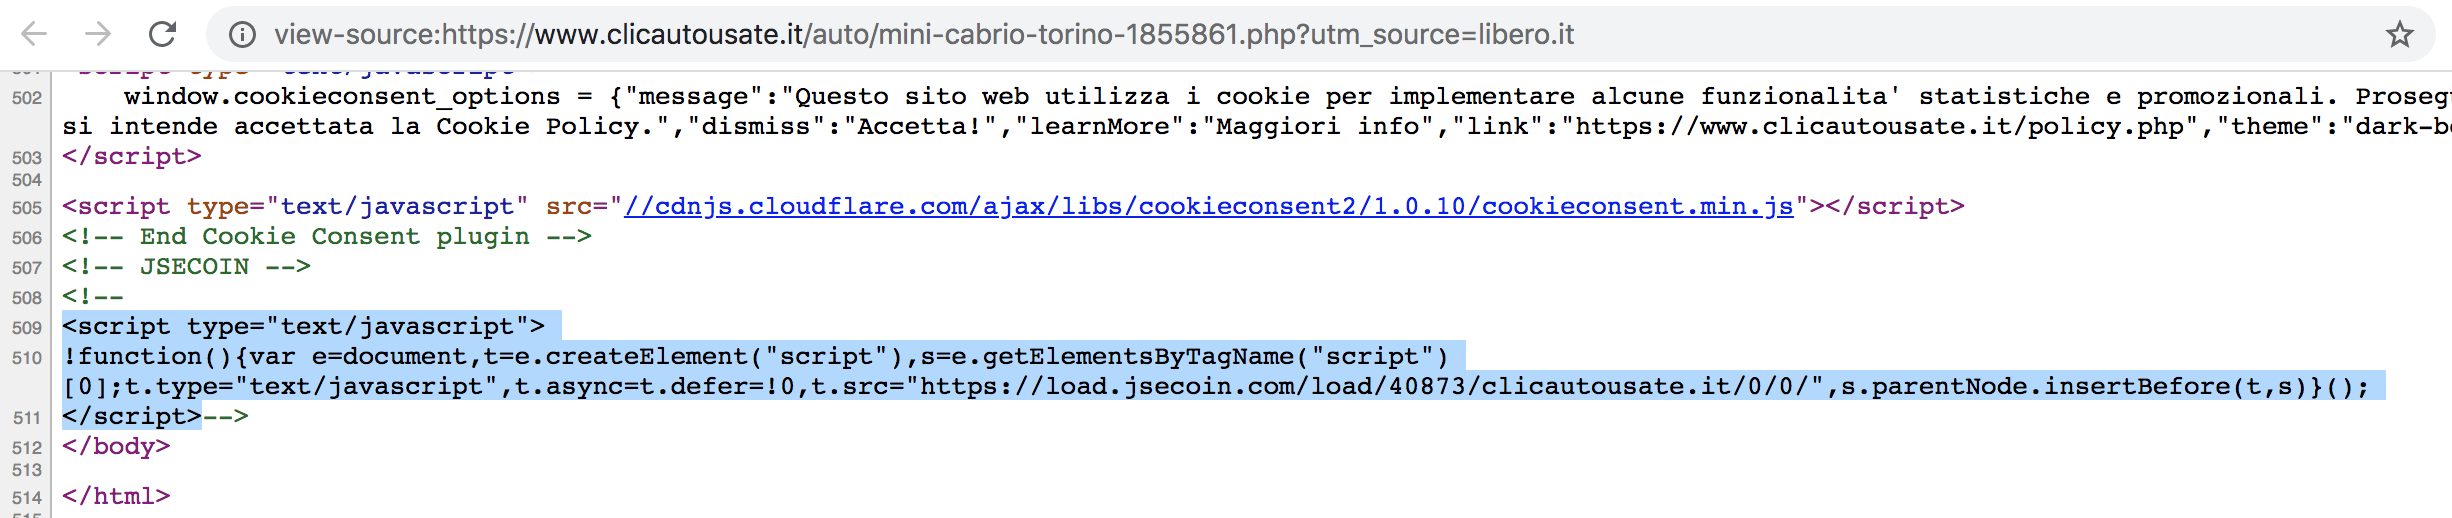 これは、www.clicautosate[.]itのソースを示しています。ここでコマンドはJSEcoinの悪意のあるコインマイナーを開始します。